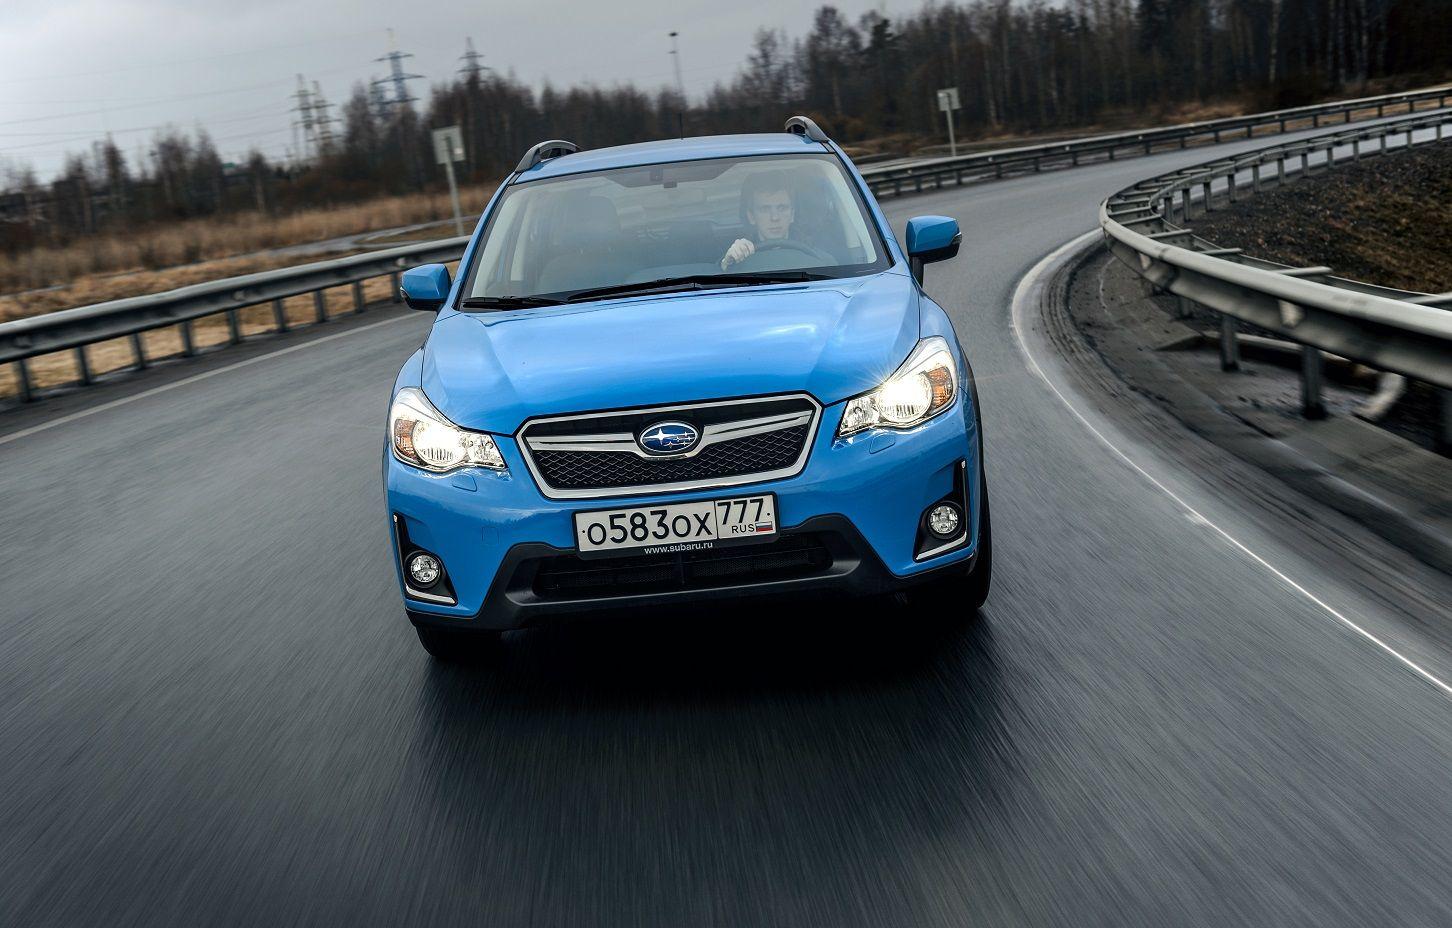 Спецверсия кроссовера Субару XVпоявится на автомобильном рынке РФ весной